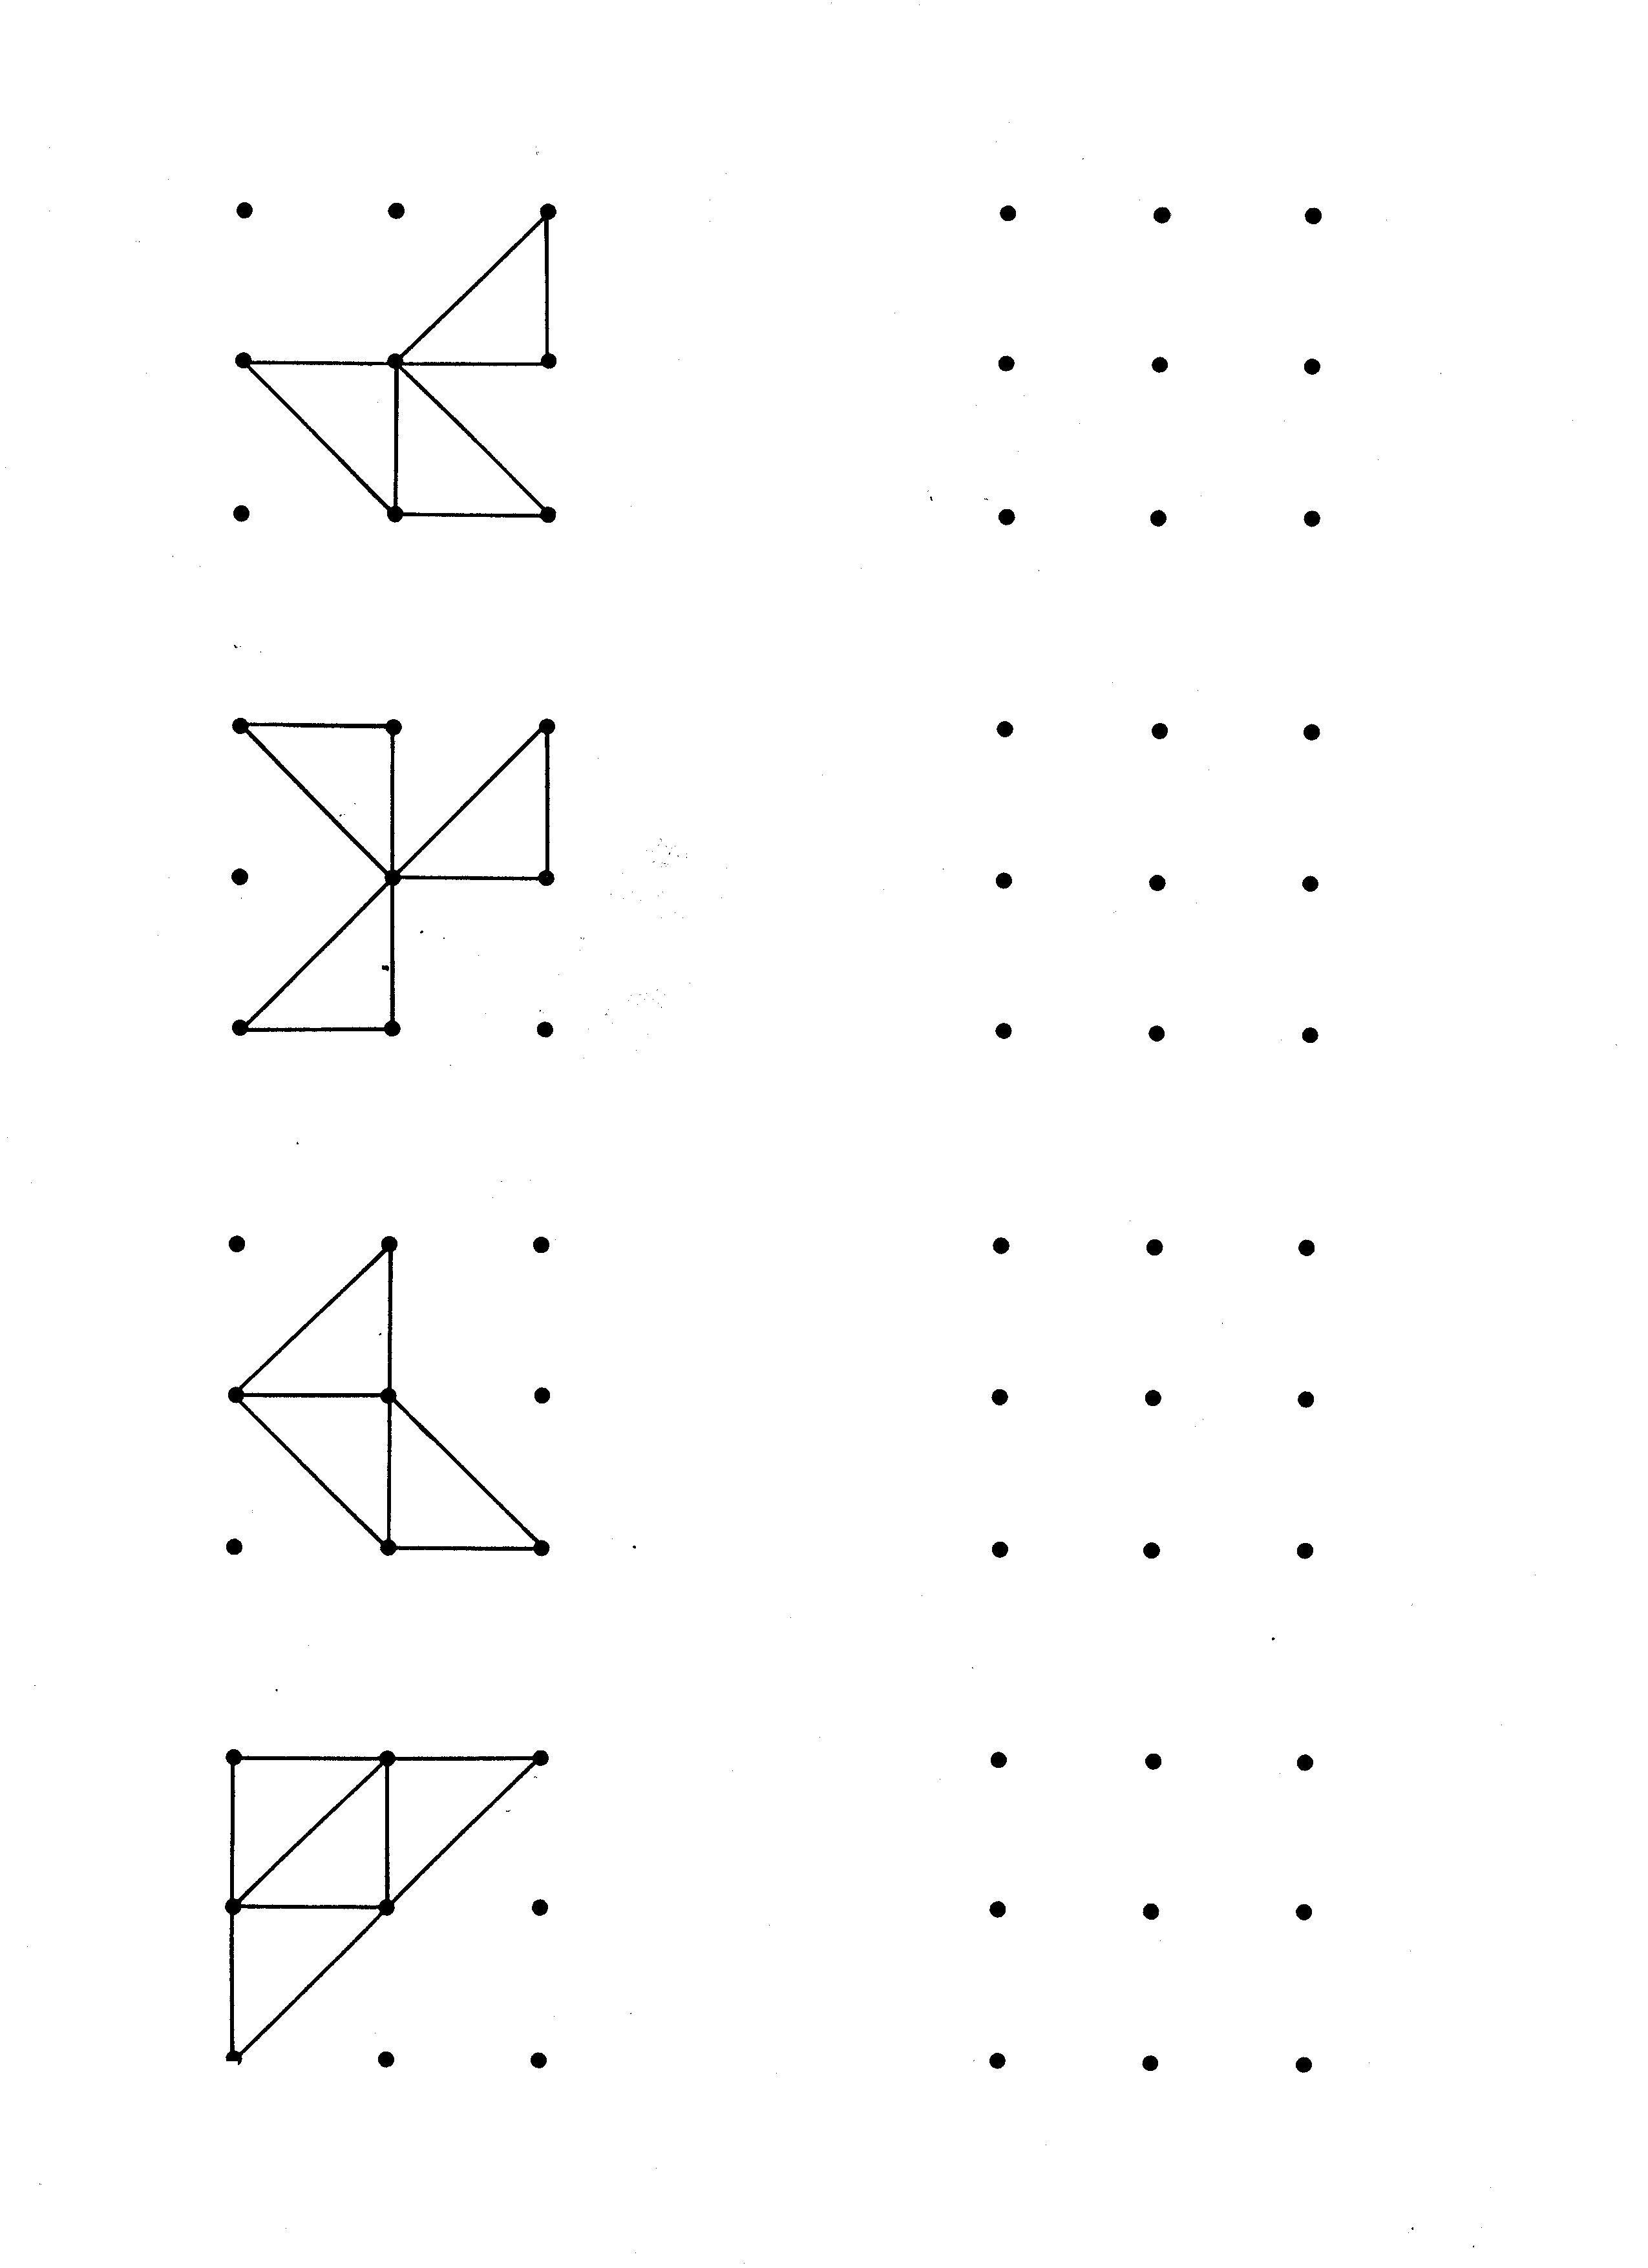 Pin By Heidi Kurkinen On Visuaalinen Hahmottaminen